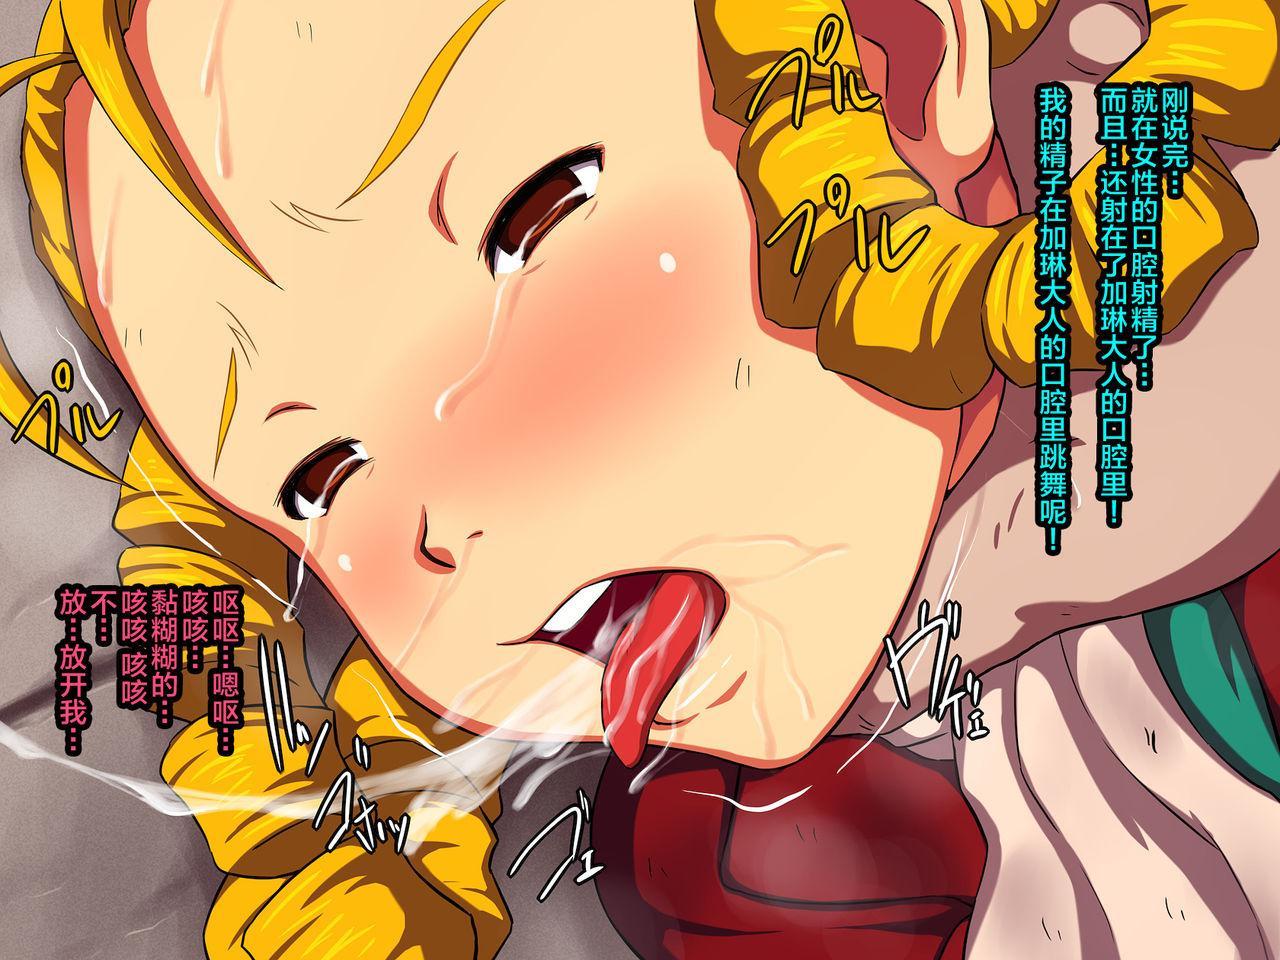 [L-u (Makura no Doushi)] Kegasareta Ojou-sama -Tights ni Shimiru Jiru- (Street Fighter) [Chinese] [新桥月白日语社] 146